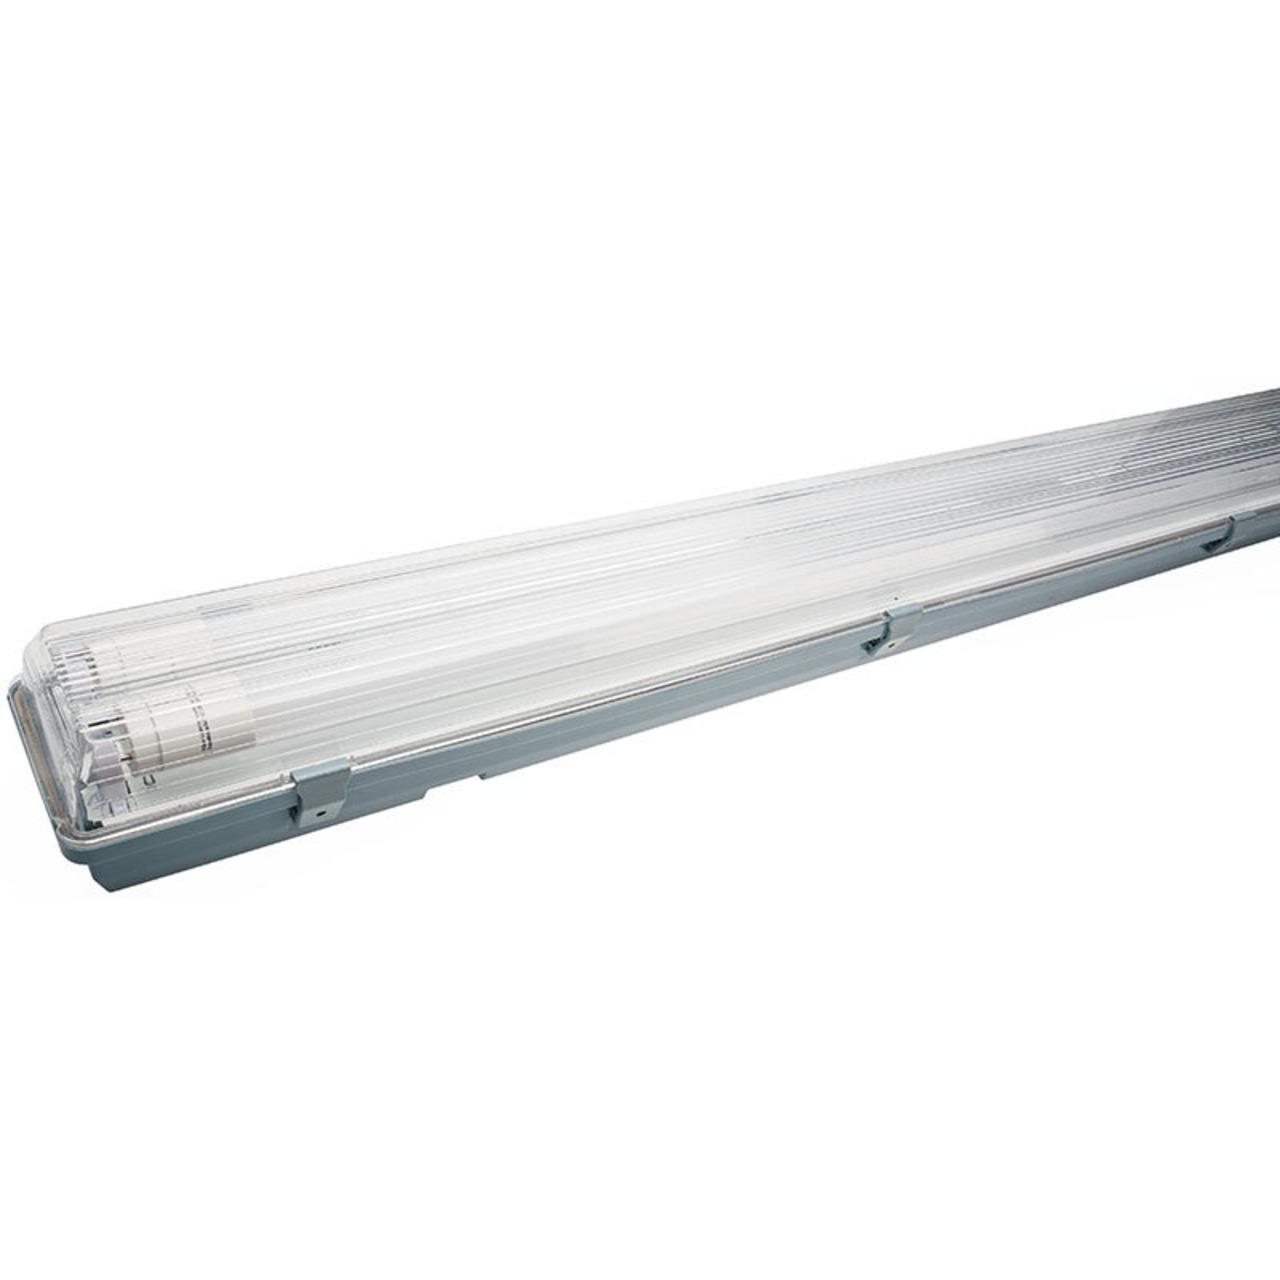 Müller Licht 36-W-LED-Feuchtraumwannenleuchte mit 2x 1700 lm - neutralweiss- 120 cm- IP65